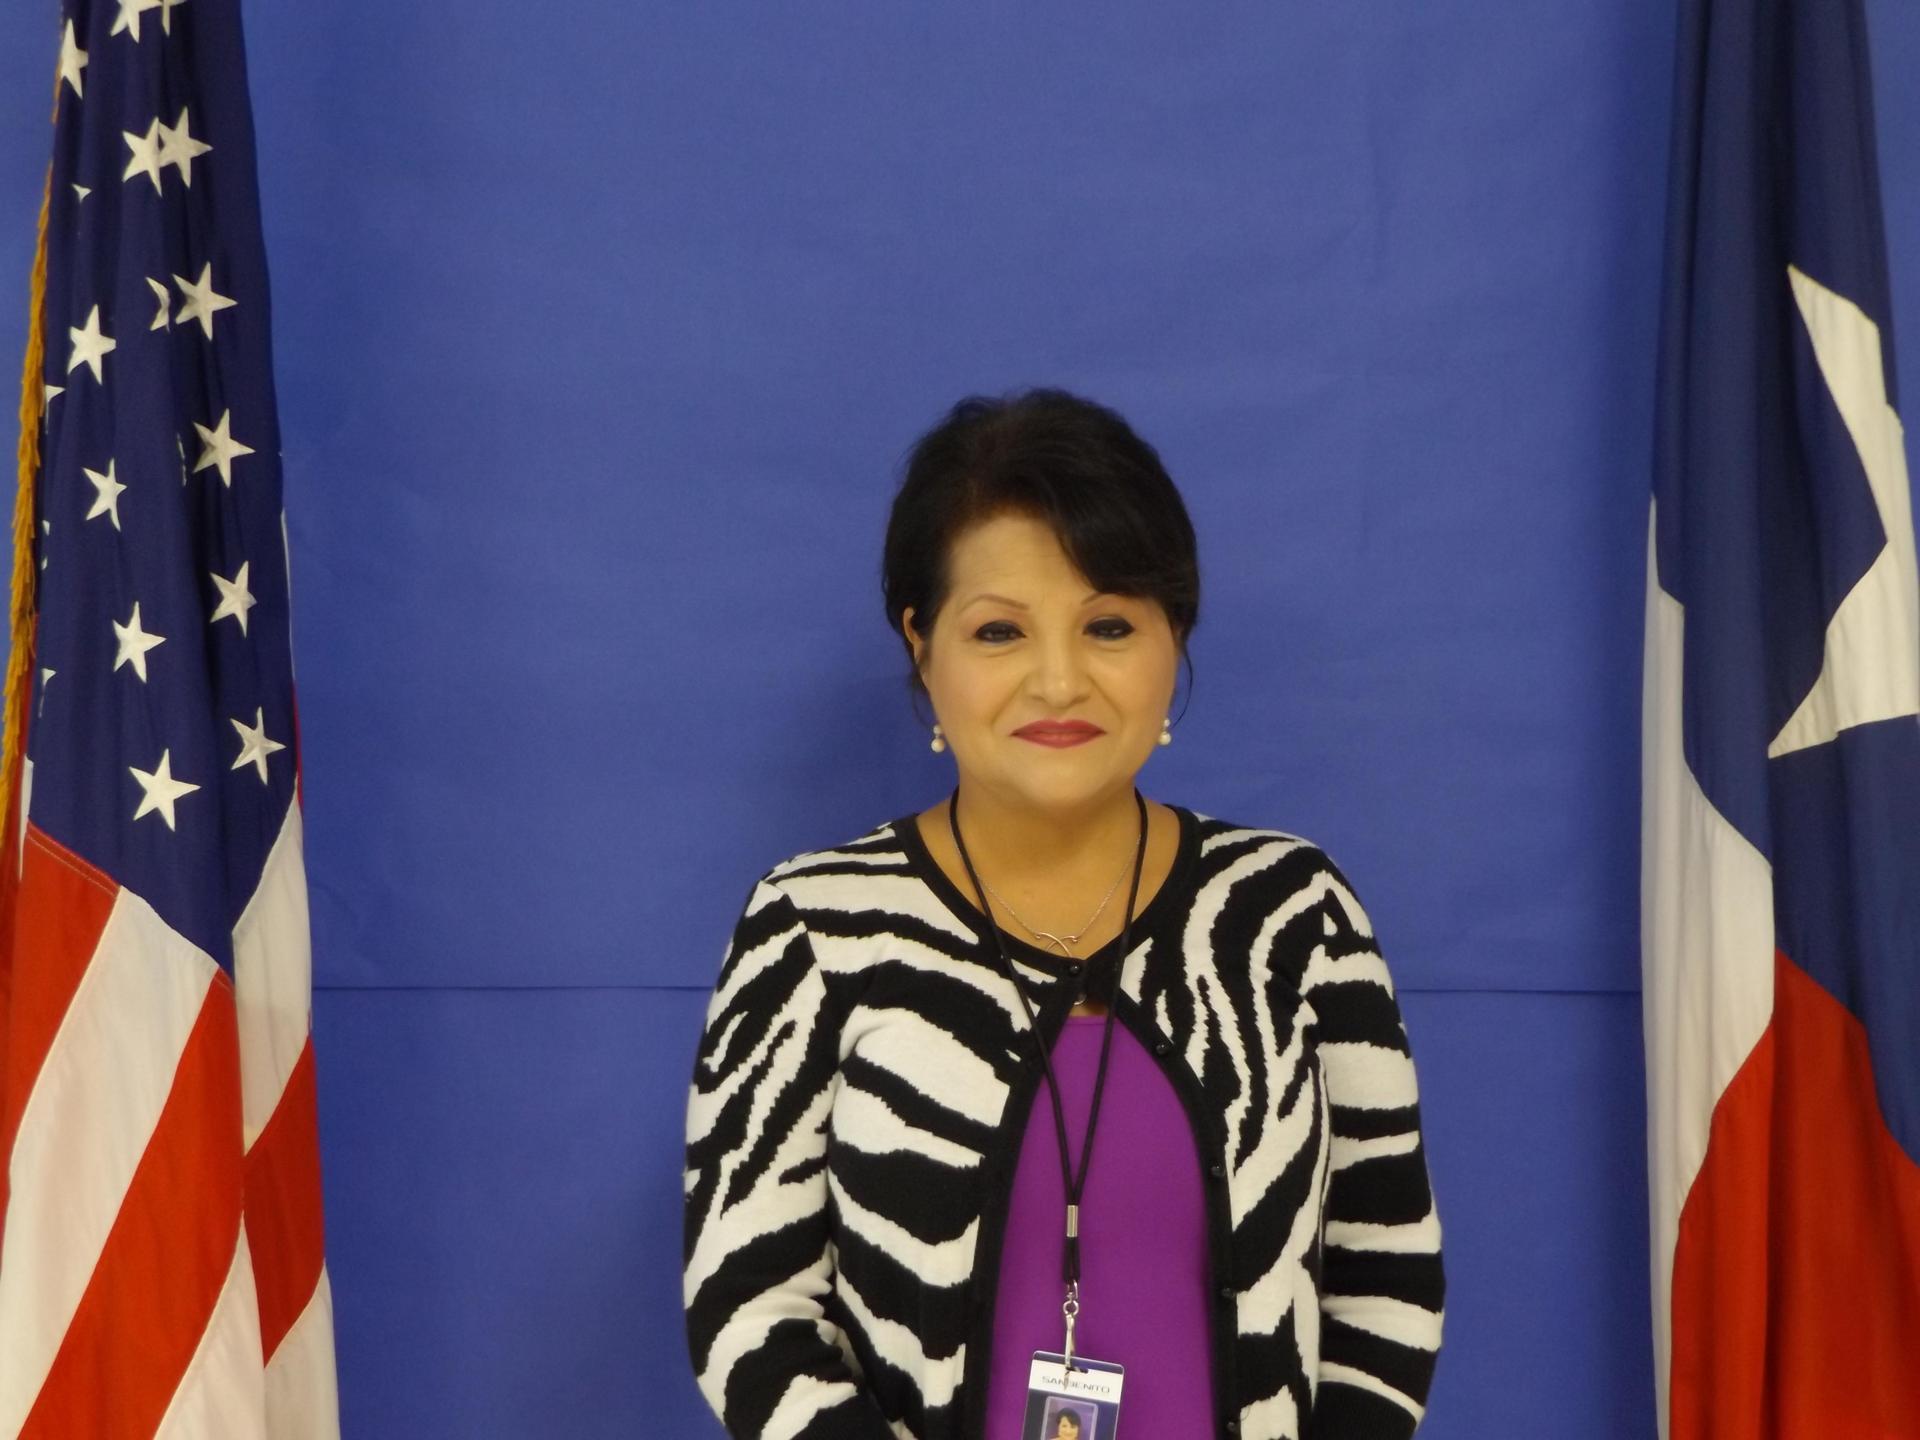 Ms. Natalia Flores